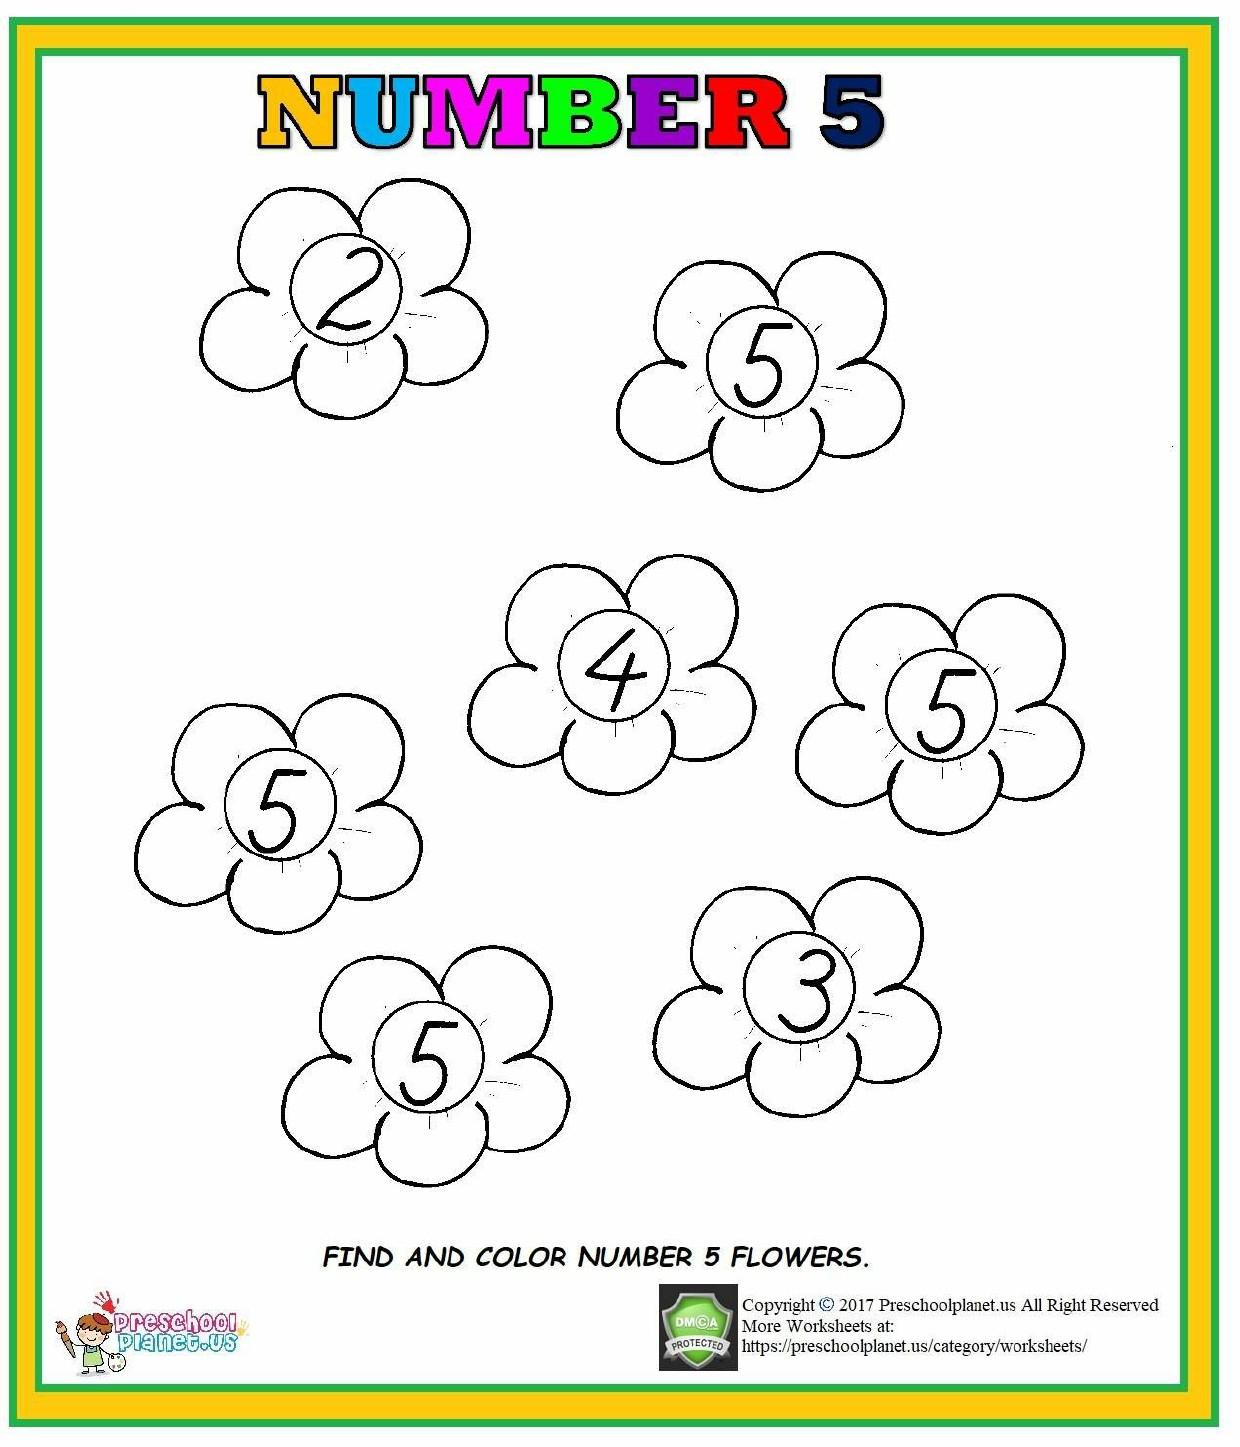 Number 5 Worksheet For Preschool Kindergarten